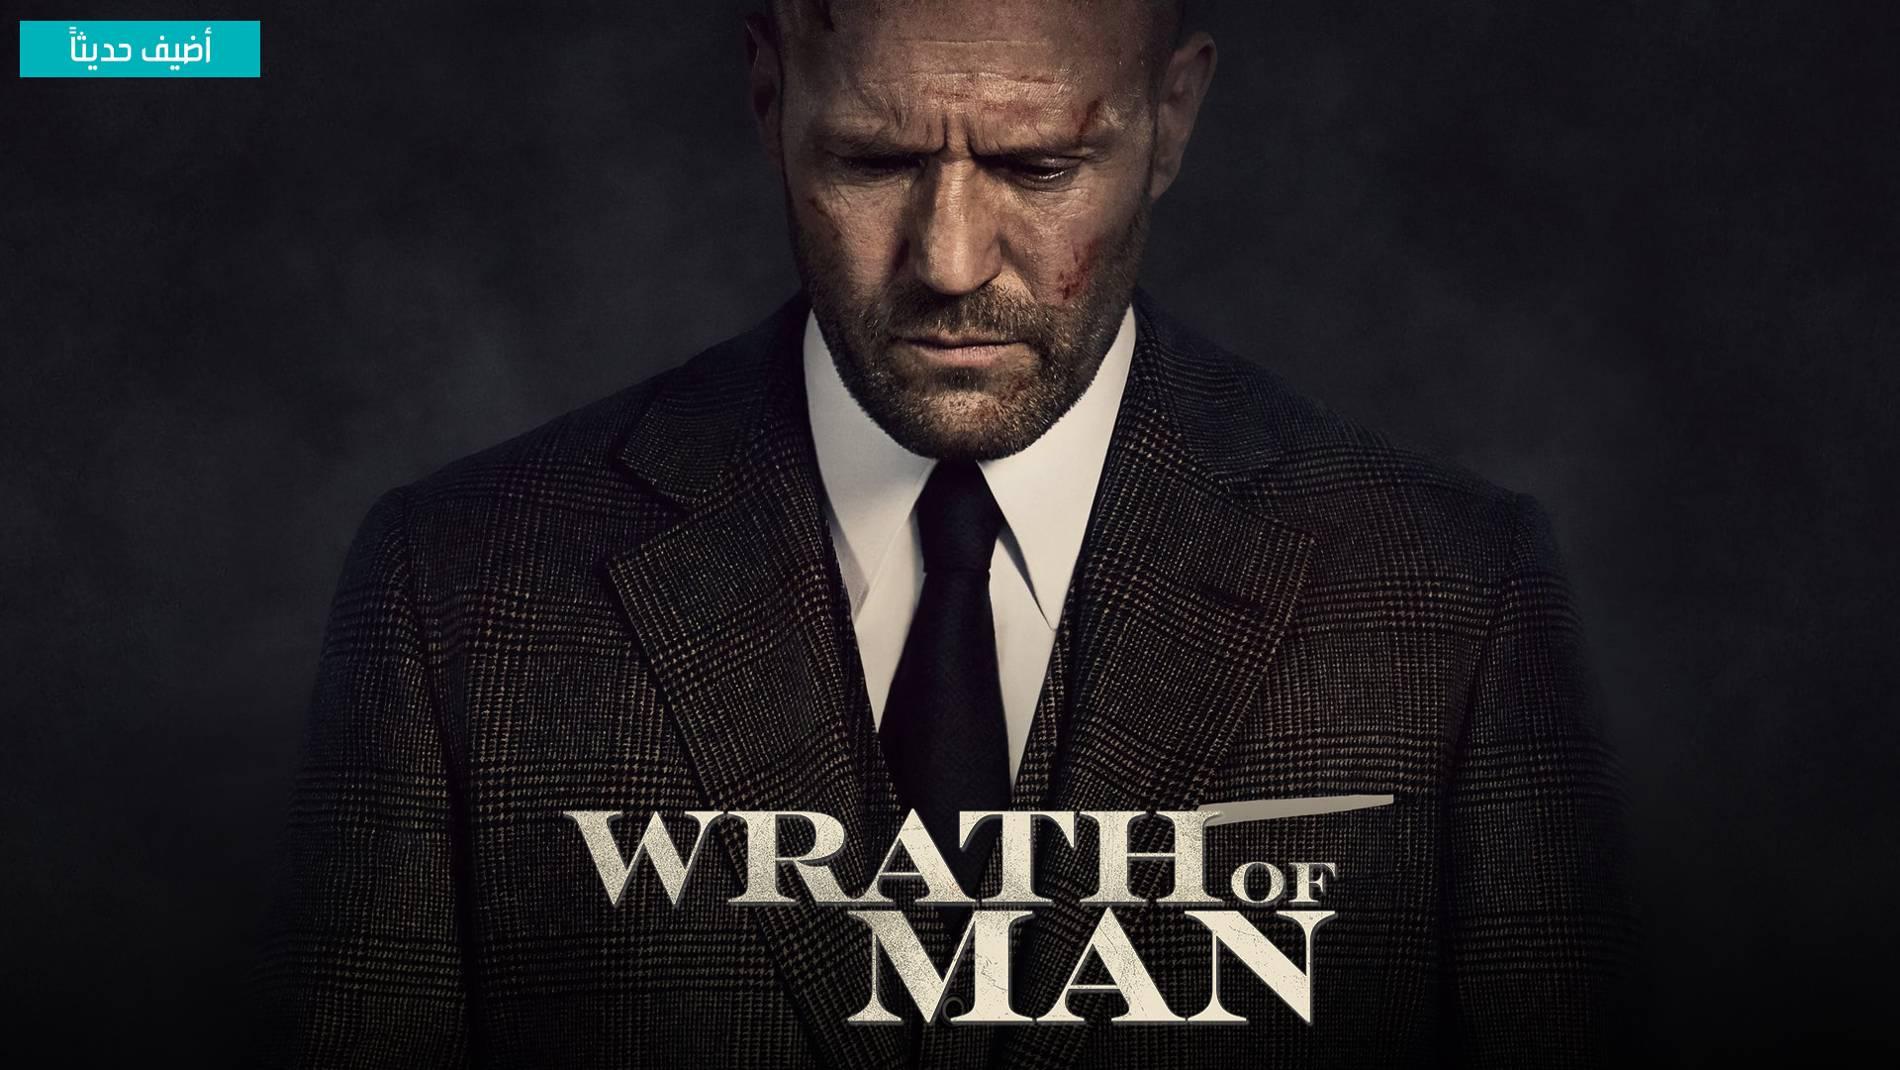 Wrath of a Man